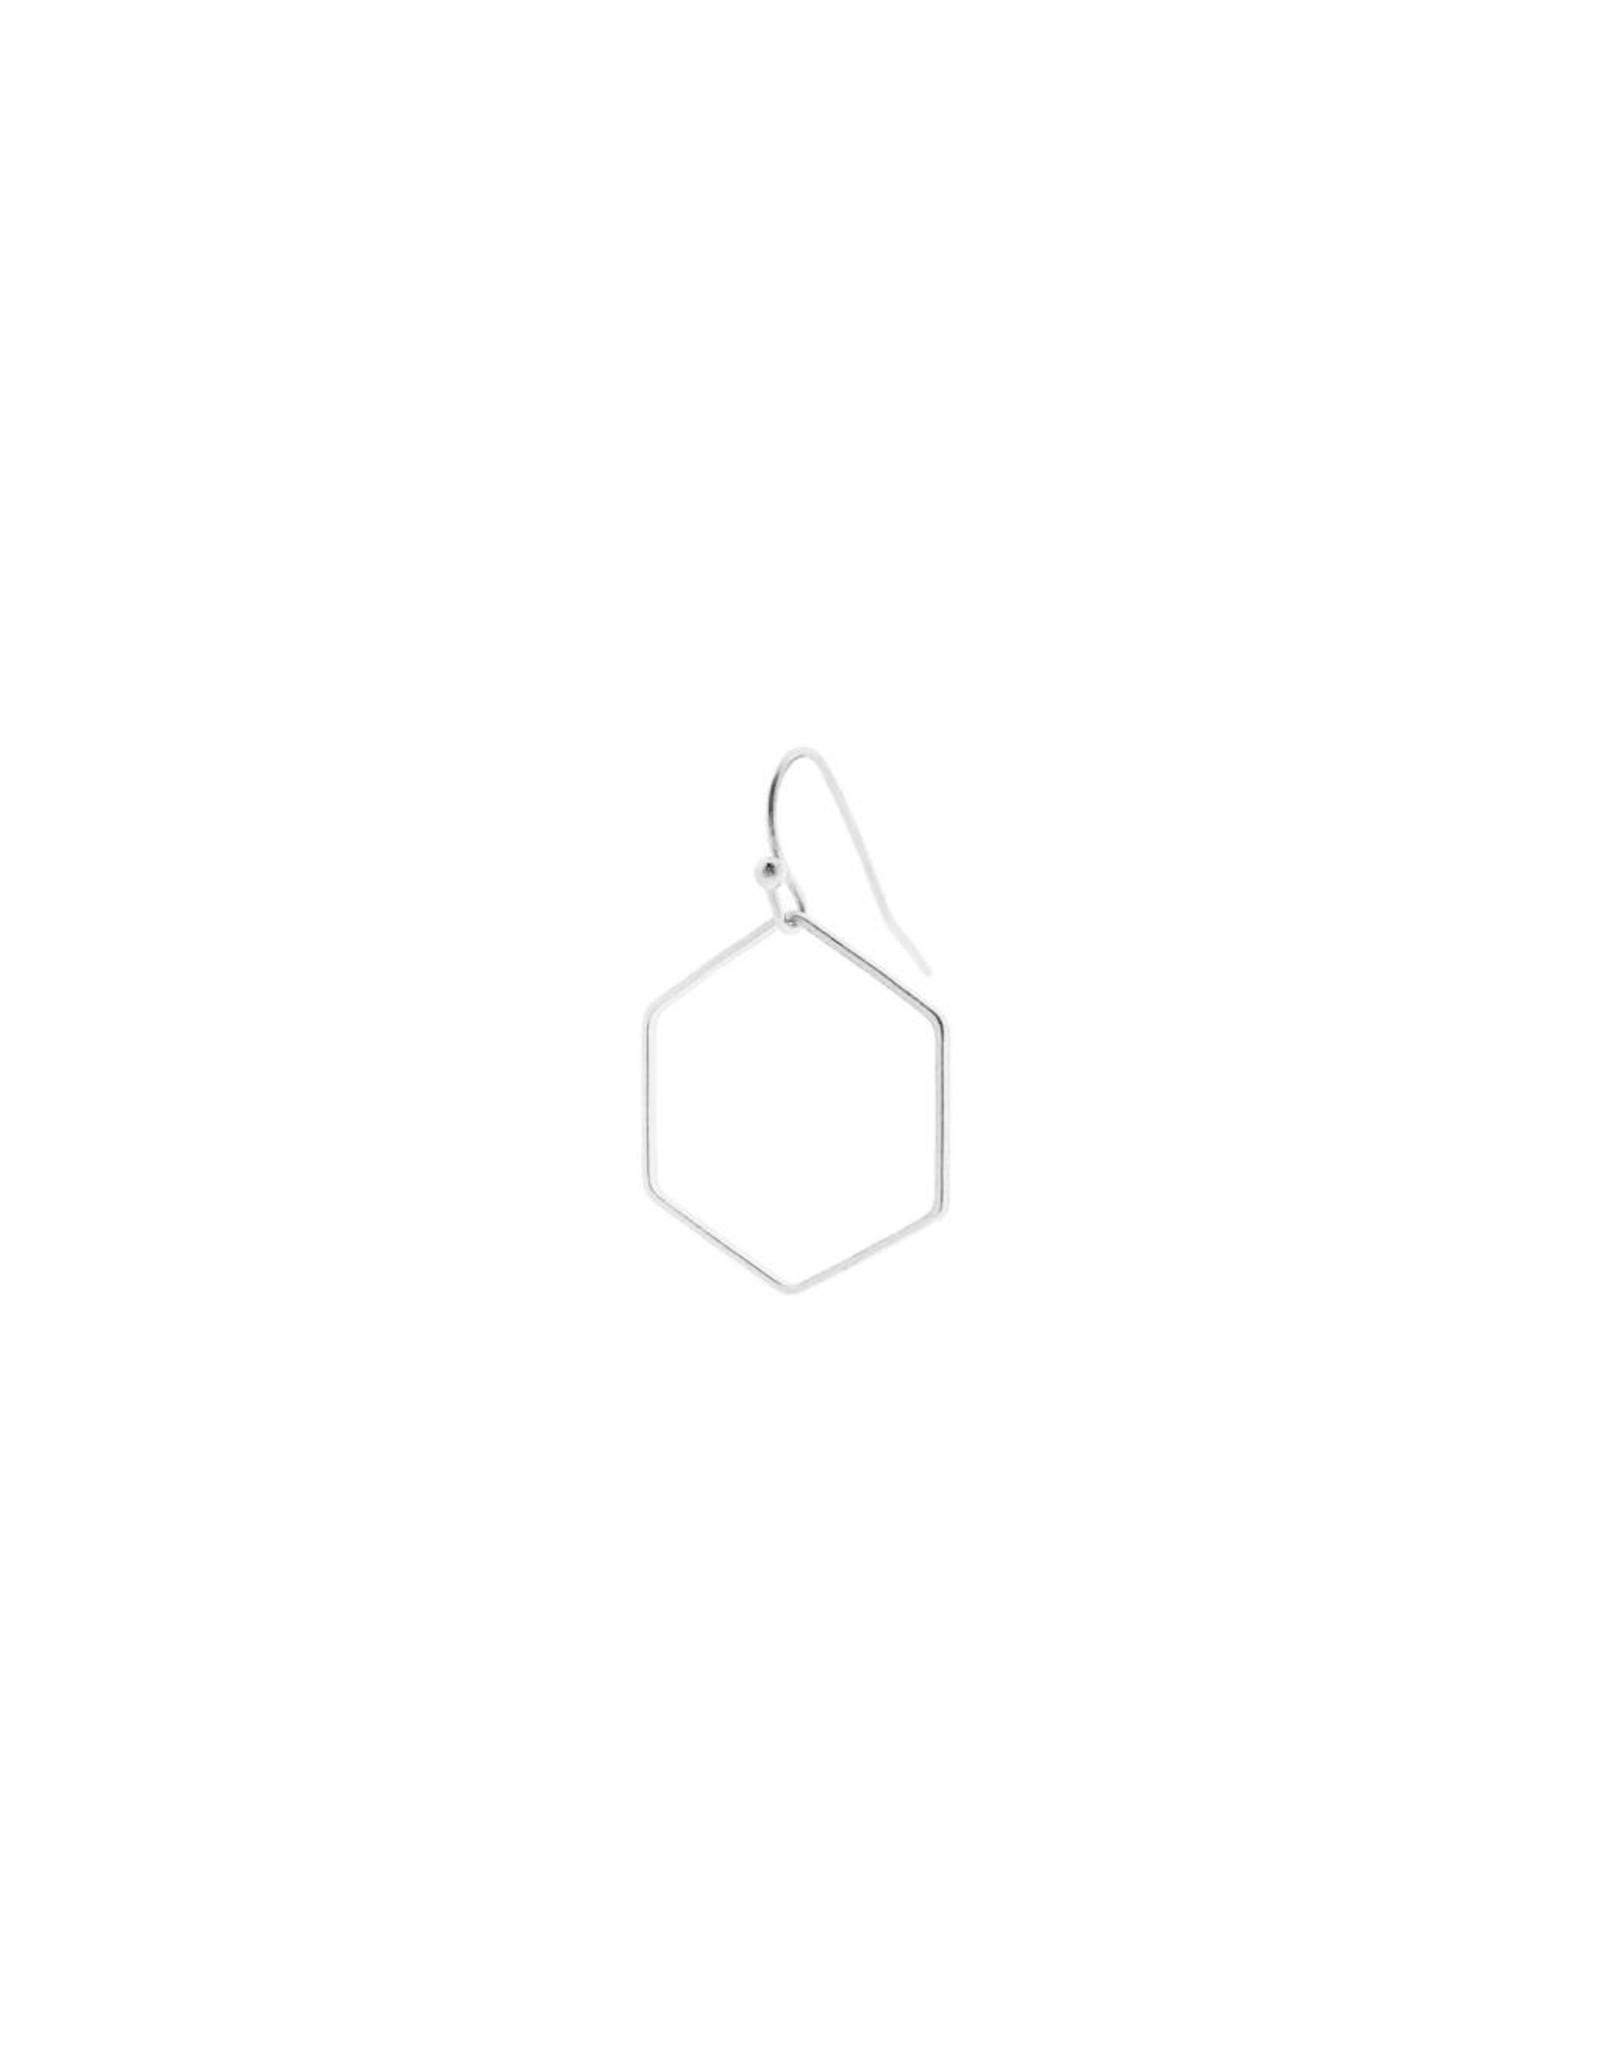 oorbEllen mix&match zeshoek mat zilver korte hanger zilver